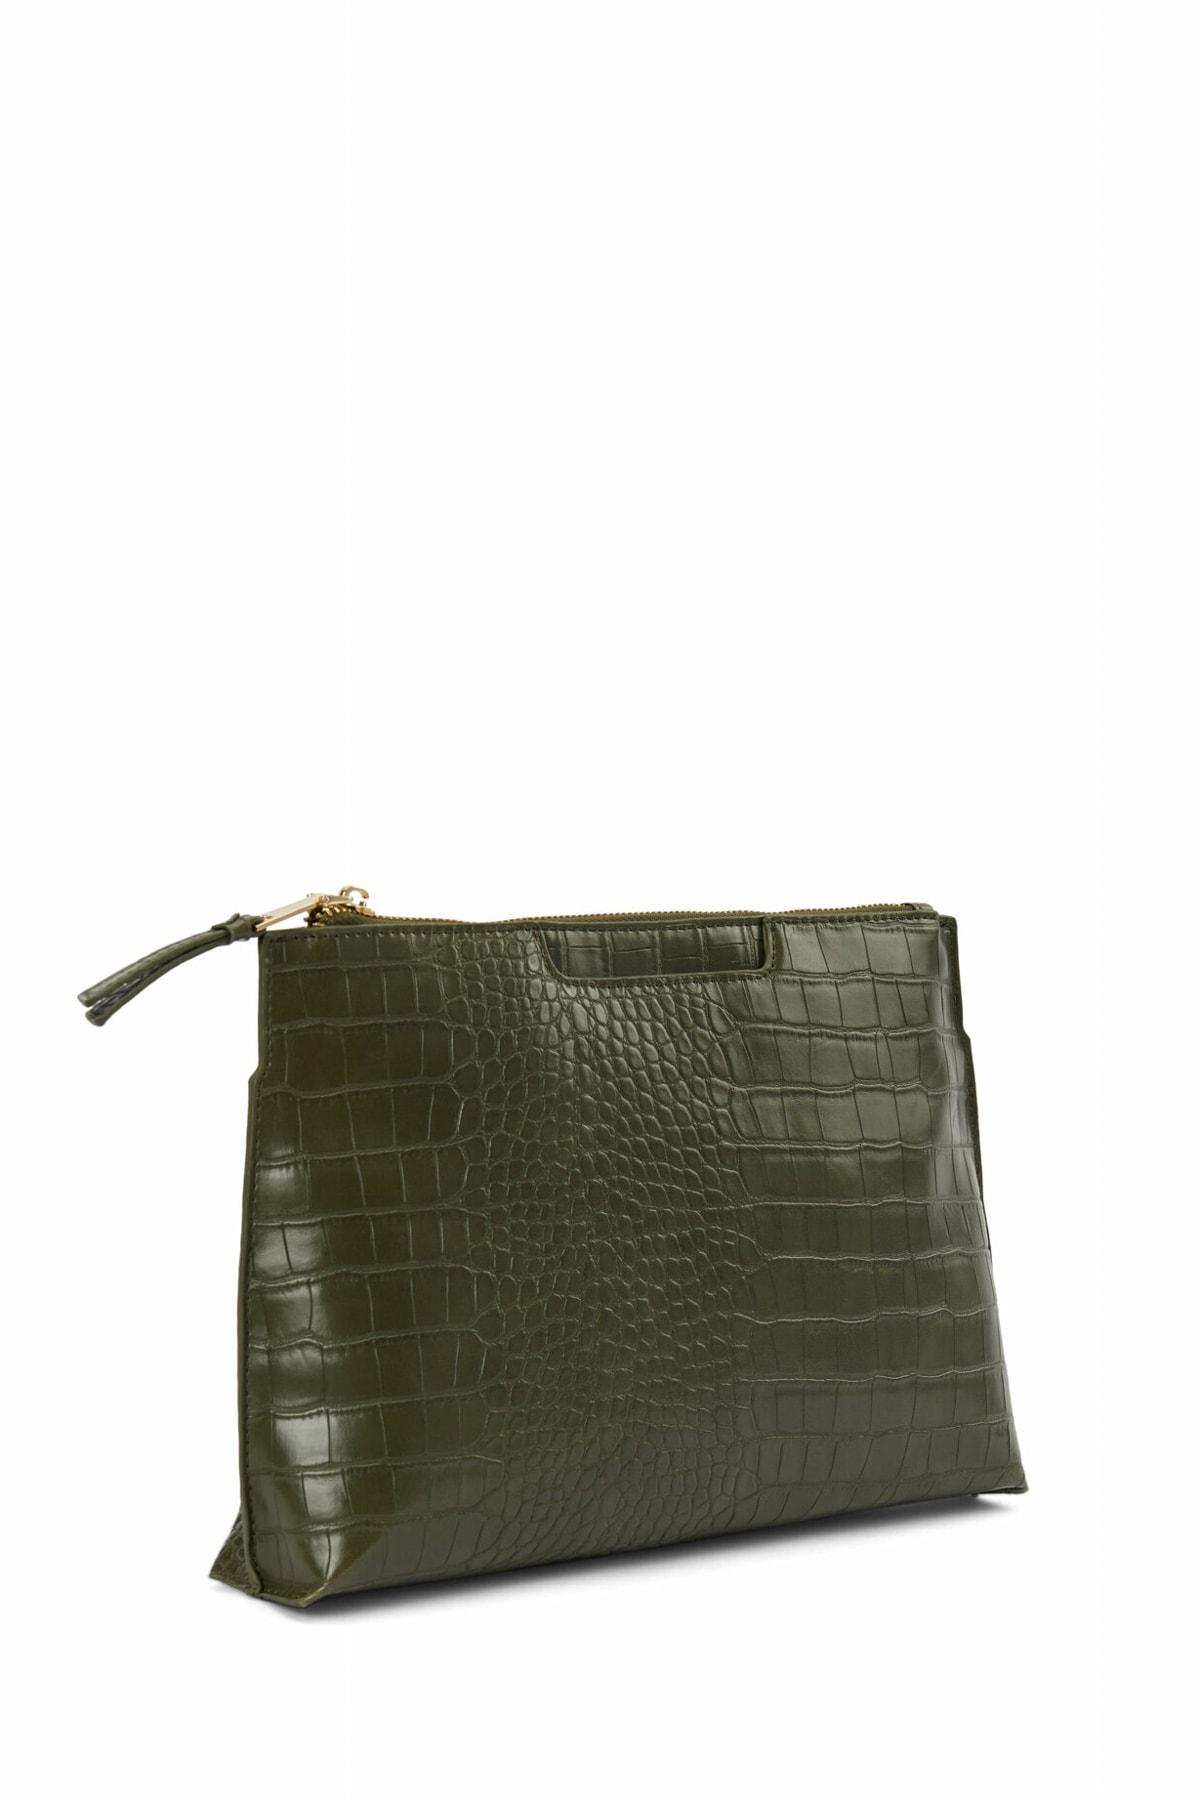 İpekyol Kadın Gri Krokodil desen çanta IW6200052001 1